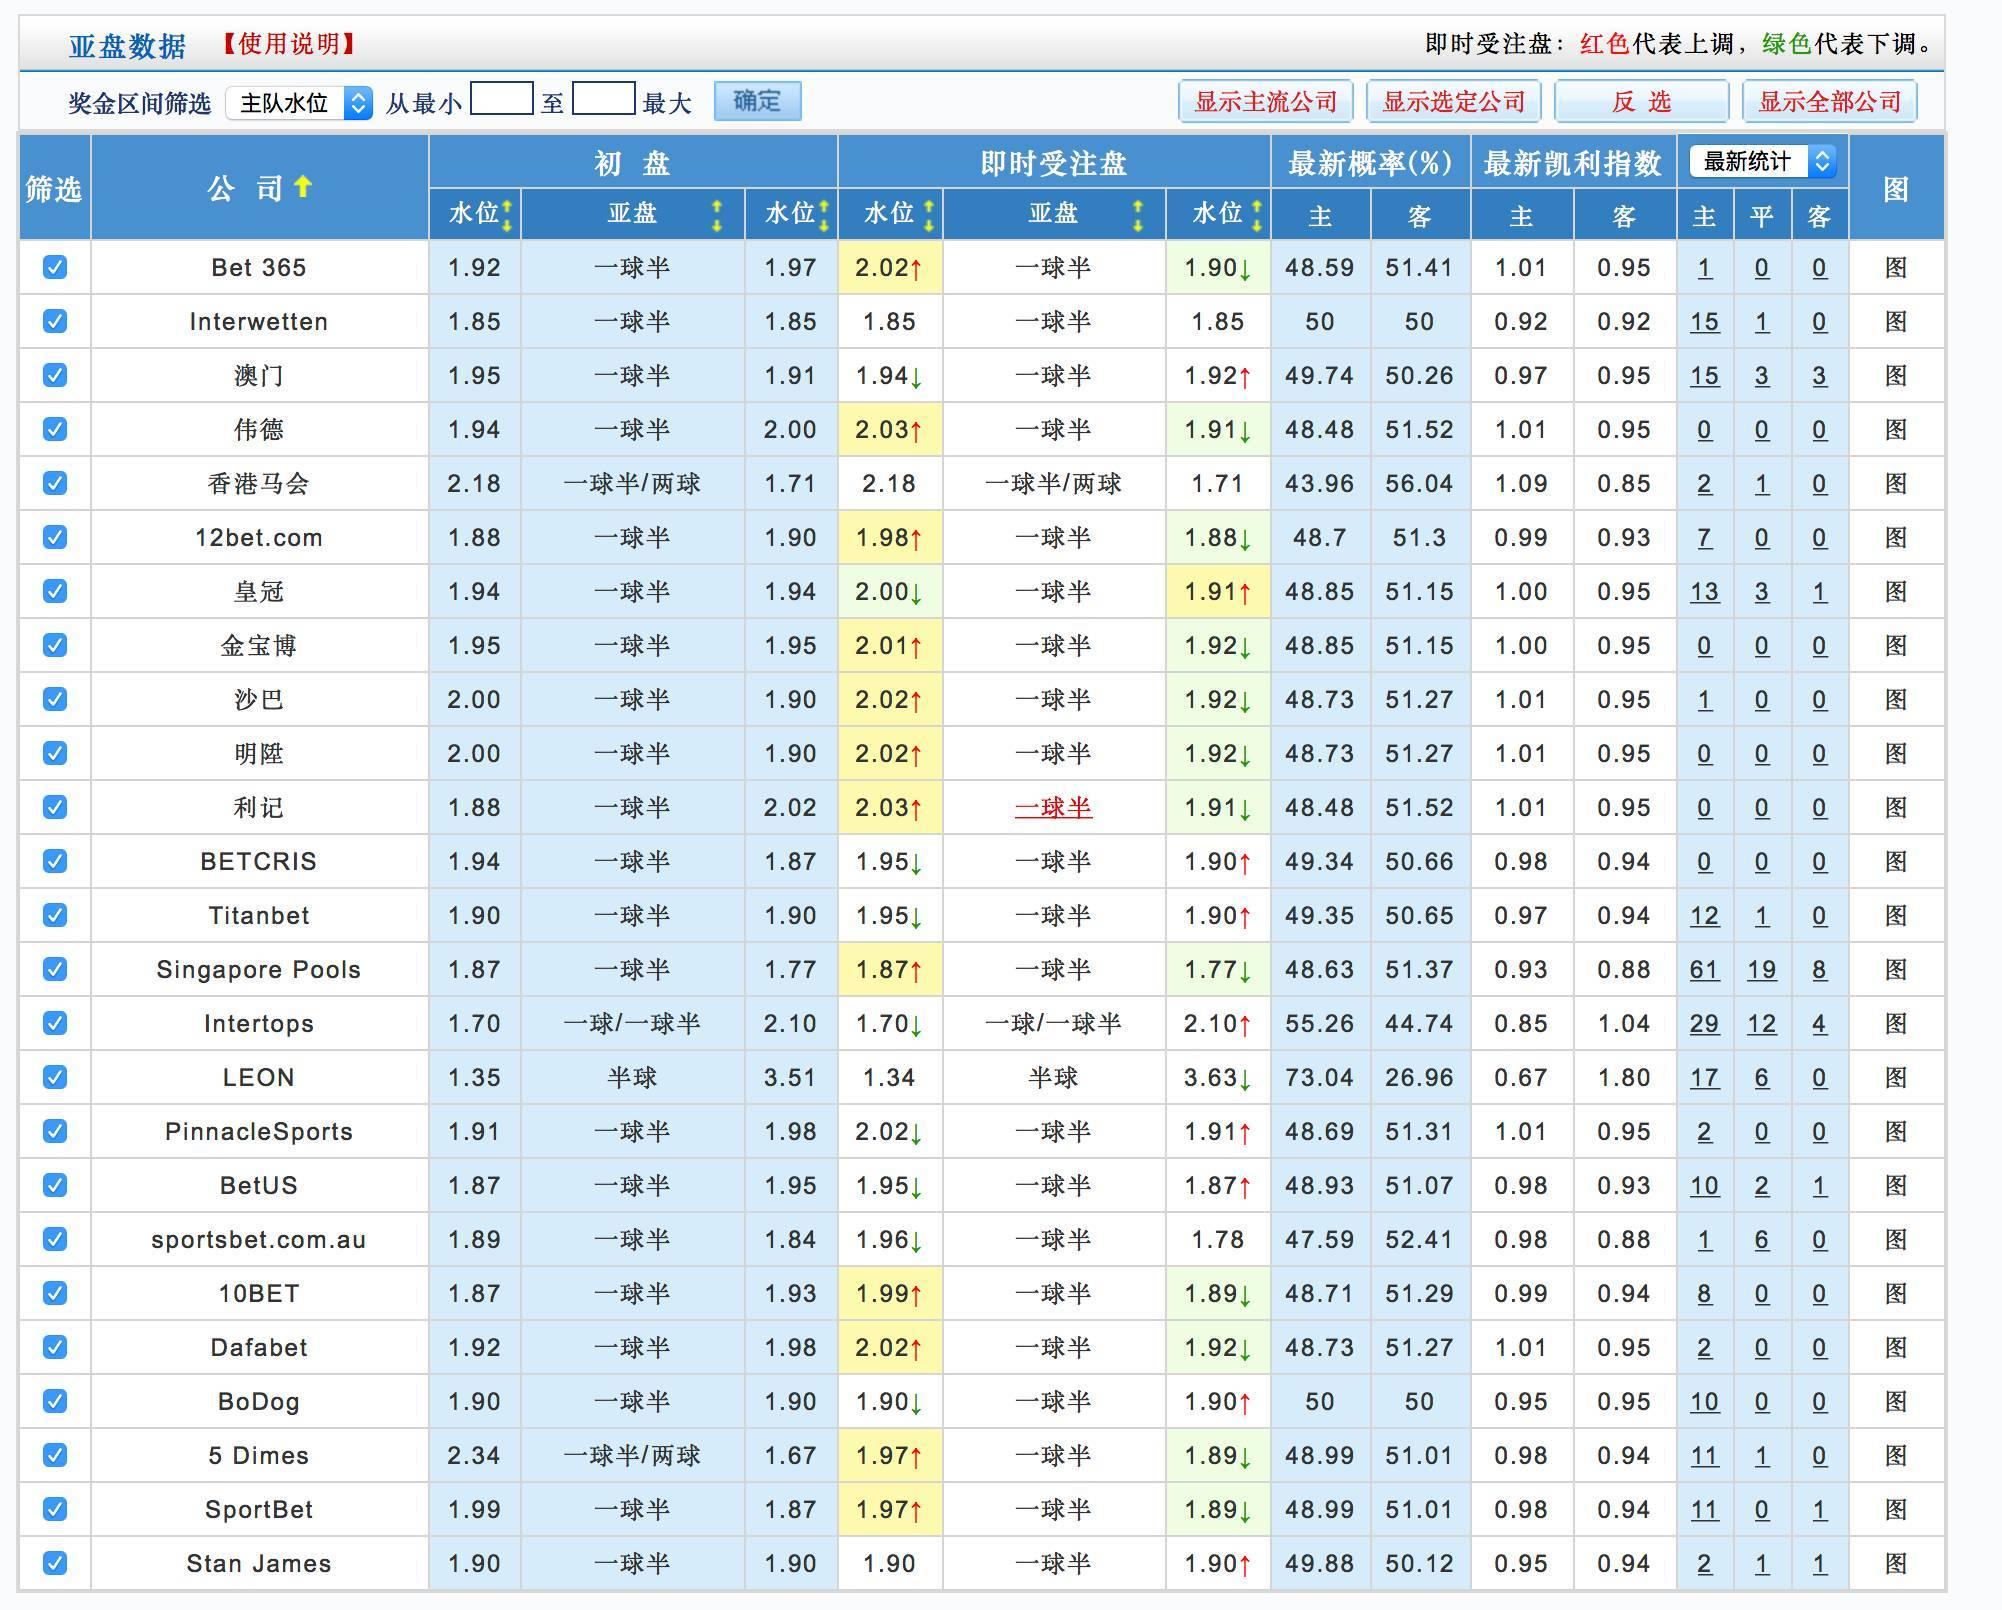 全球规模最大的空中冲浪池、港澳地区首间悦榕庄、澳门首个百分百以度假风情为发展蓝本的世界级娱乐度假城……这就是於日前在?城开幕的澳门银河。.传媒娱乐表现活跃,多权重板块上扬。 截至午间收盘,沪指报2279.29点,上涨13.24点,涨幅0.58%,成交1142亿元;深成指报8084.63点,上涨41.32点,.